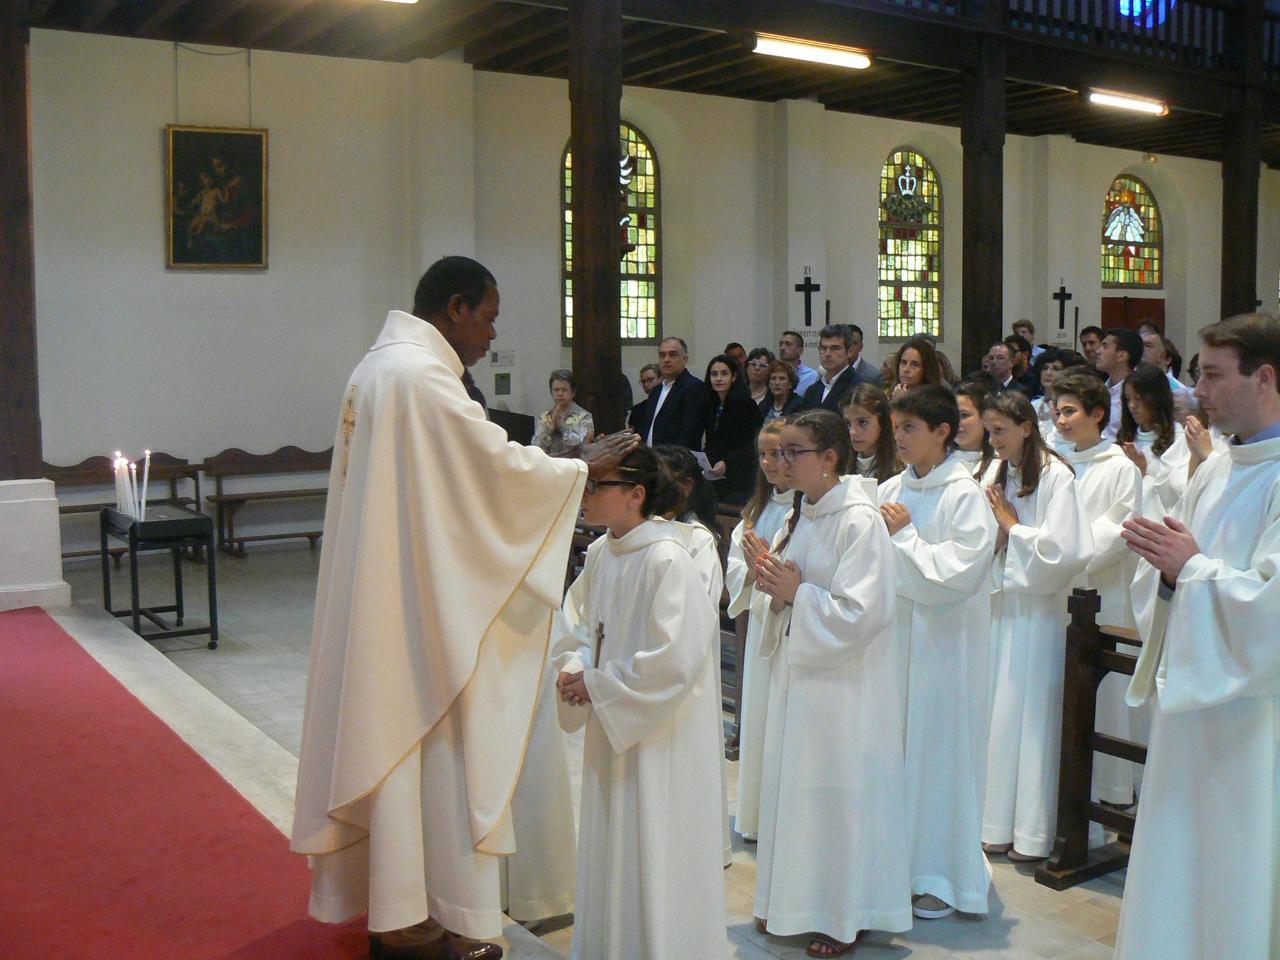 L'abbé Roger bénit les enfants avant la communion